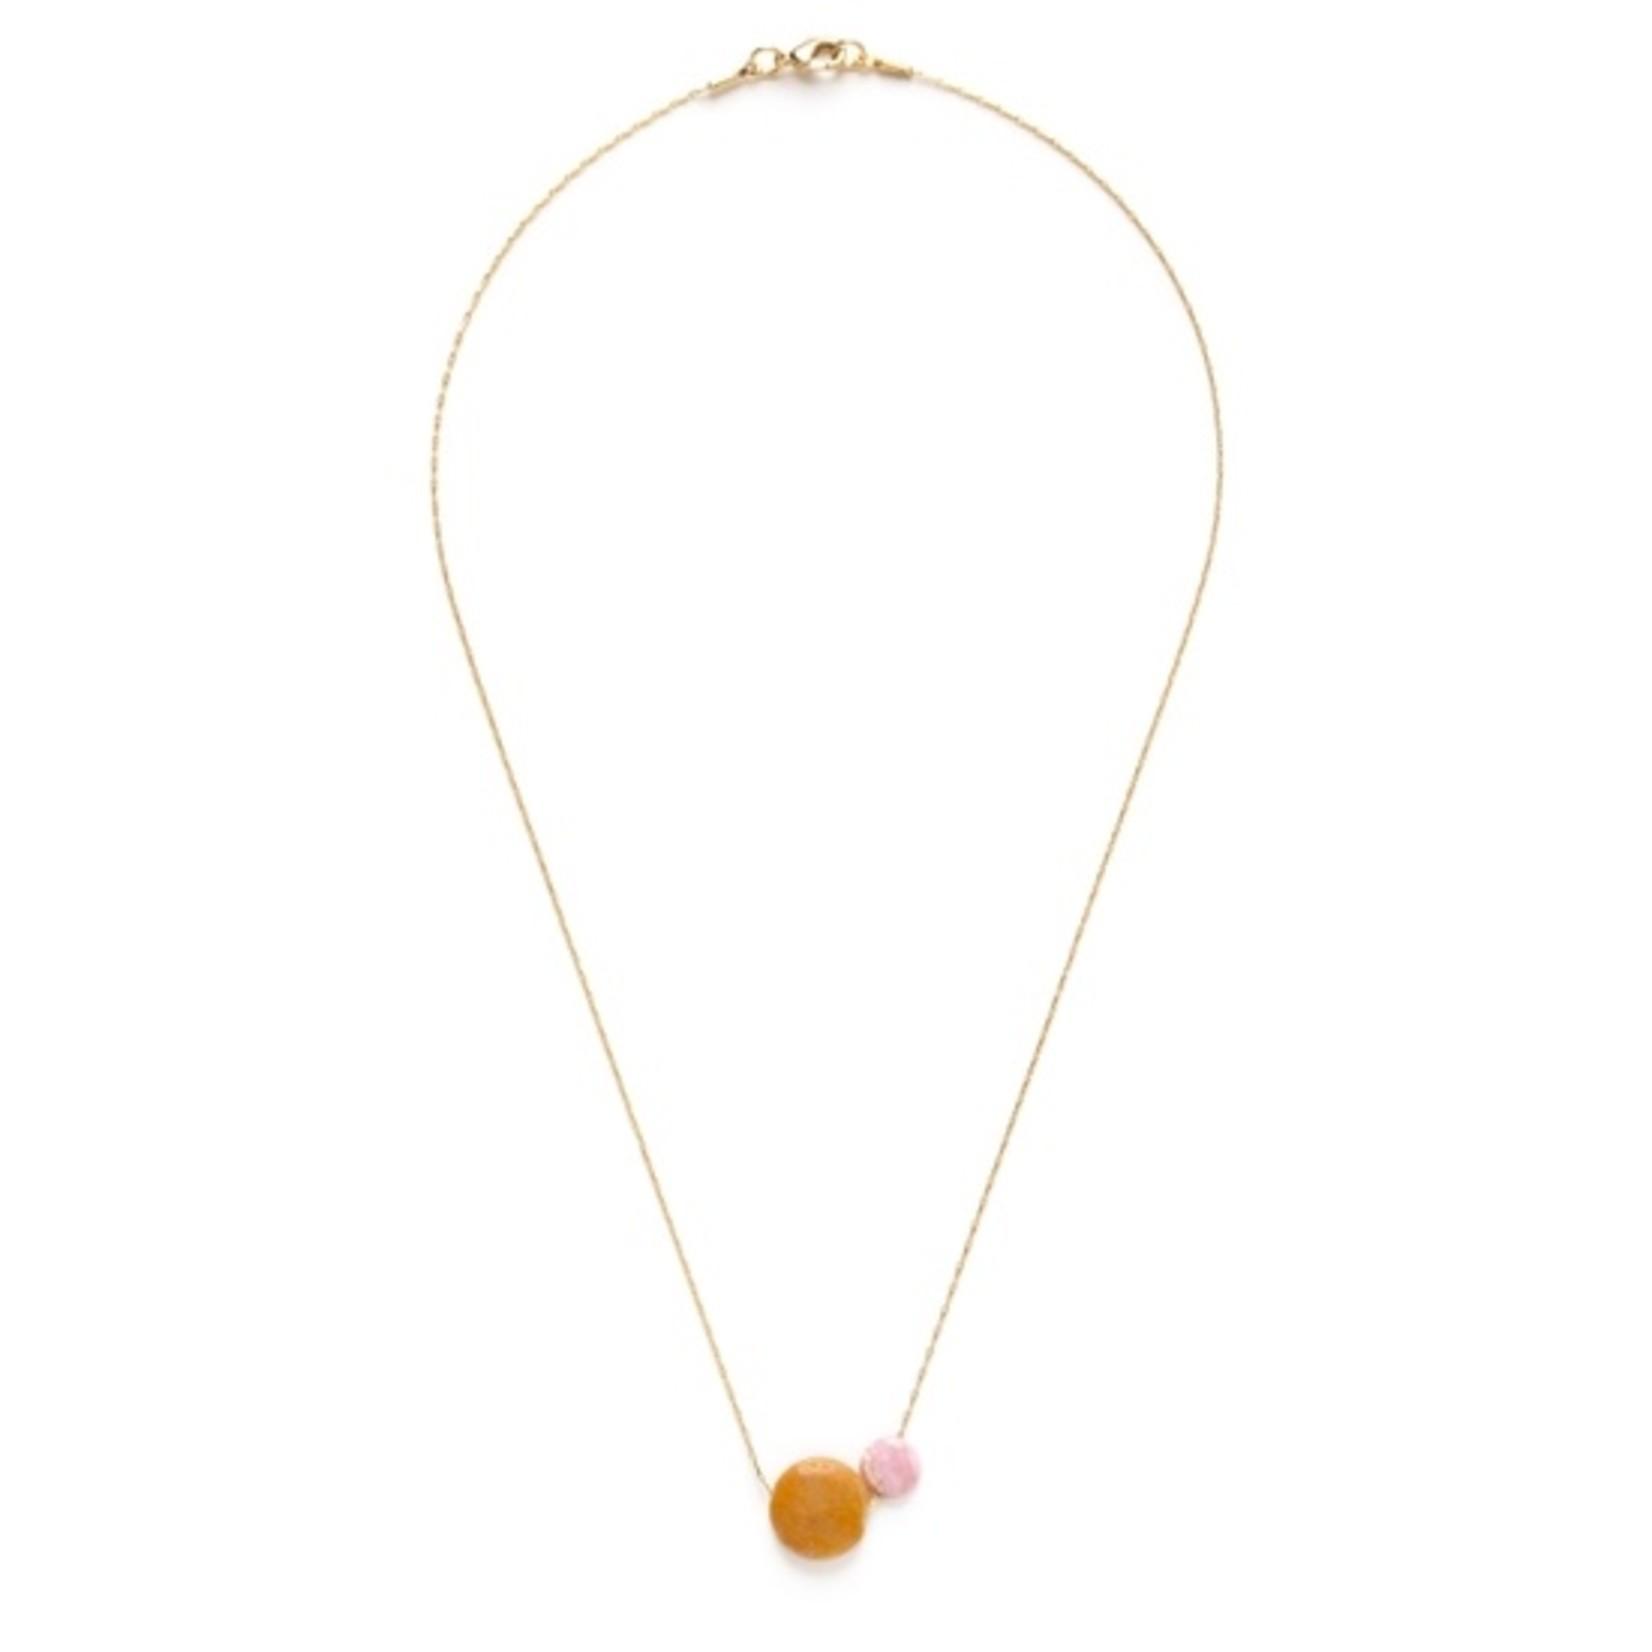 Amano Studio Orbit Necklace